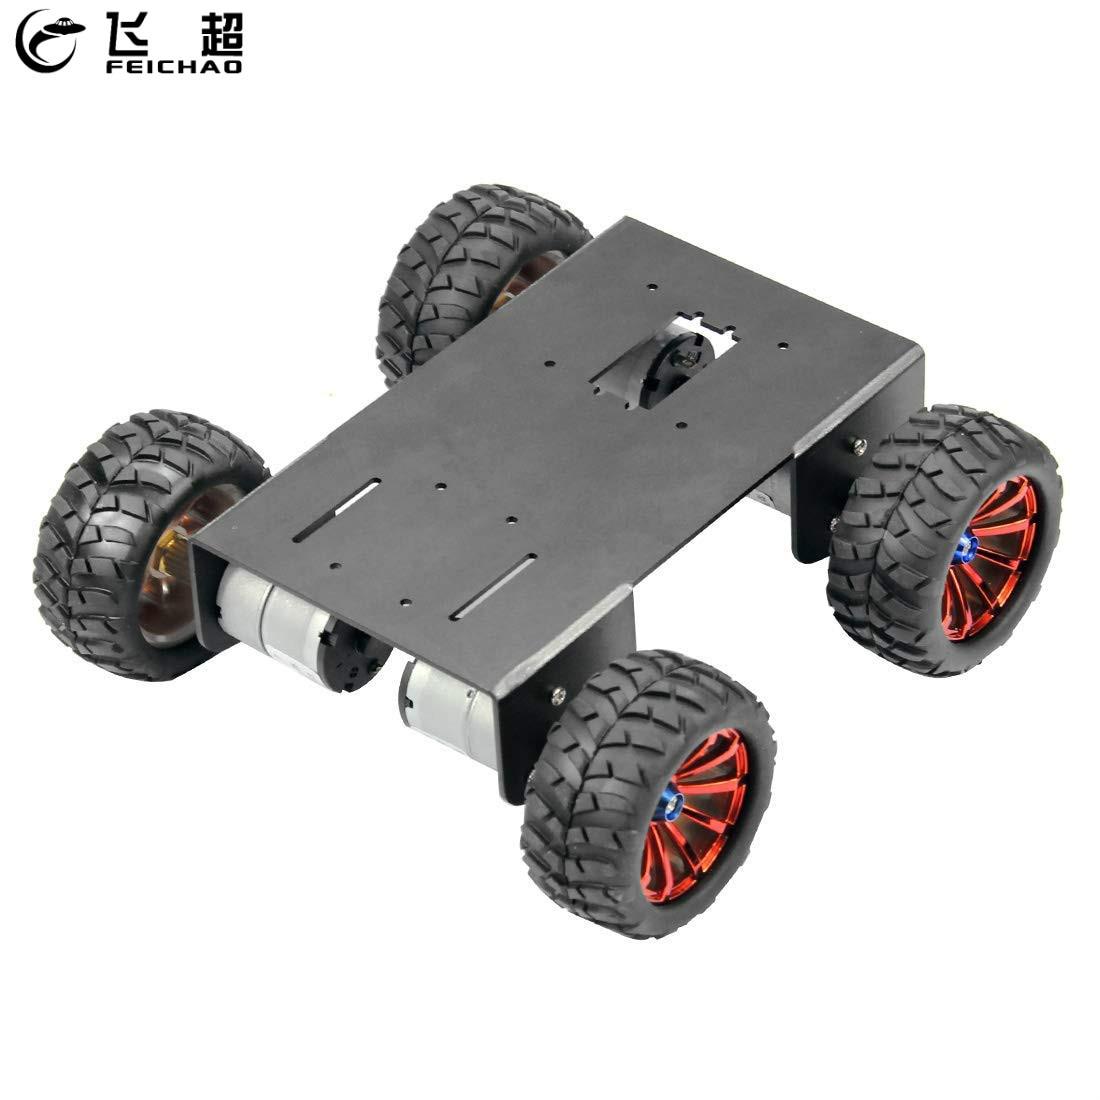 4WD RC สมาร์ทแชสซีรถยนต์ 72 มม.เส้นผ่าศูนย์กลางล้อ ABS DIY 4 ล้อหุ่นยนต์สำหรับ DIY Maker Eduational การสอนชุด-ใน ชิ้นส่วนและอุปกรณ์เสริม จาก ของเล่นและงานอดิเรก บน AliExpress - 11.11_สิบเอ็ด สิบเอ็ดวันคนโสด 1